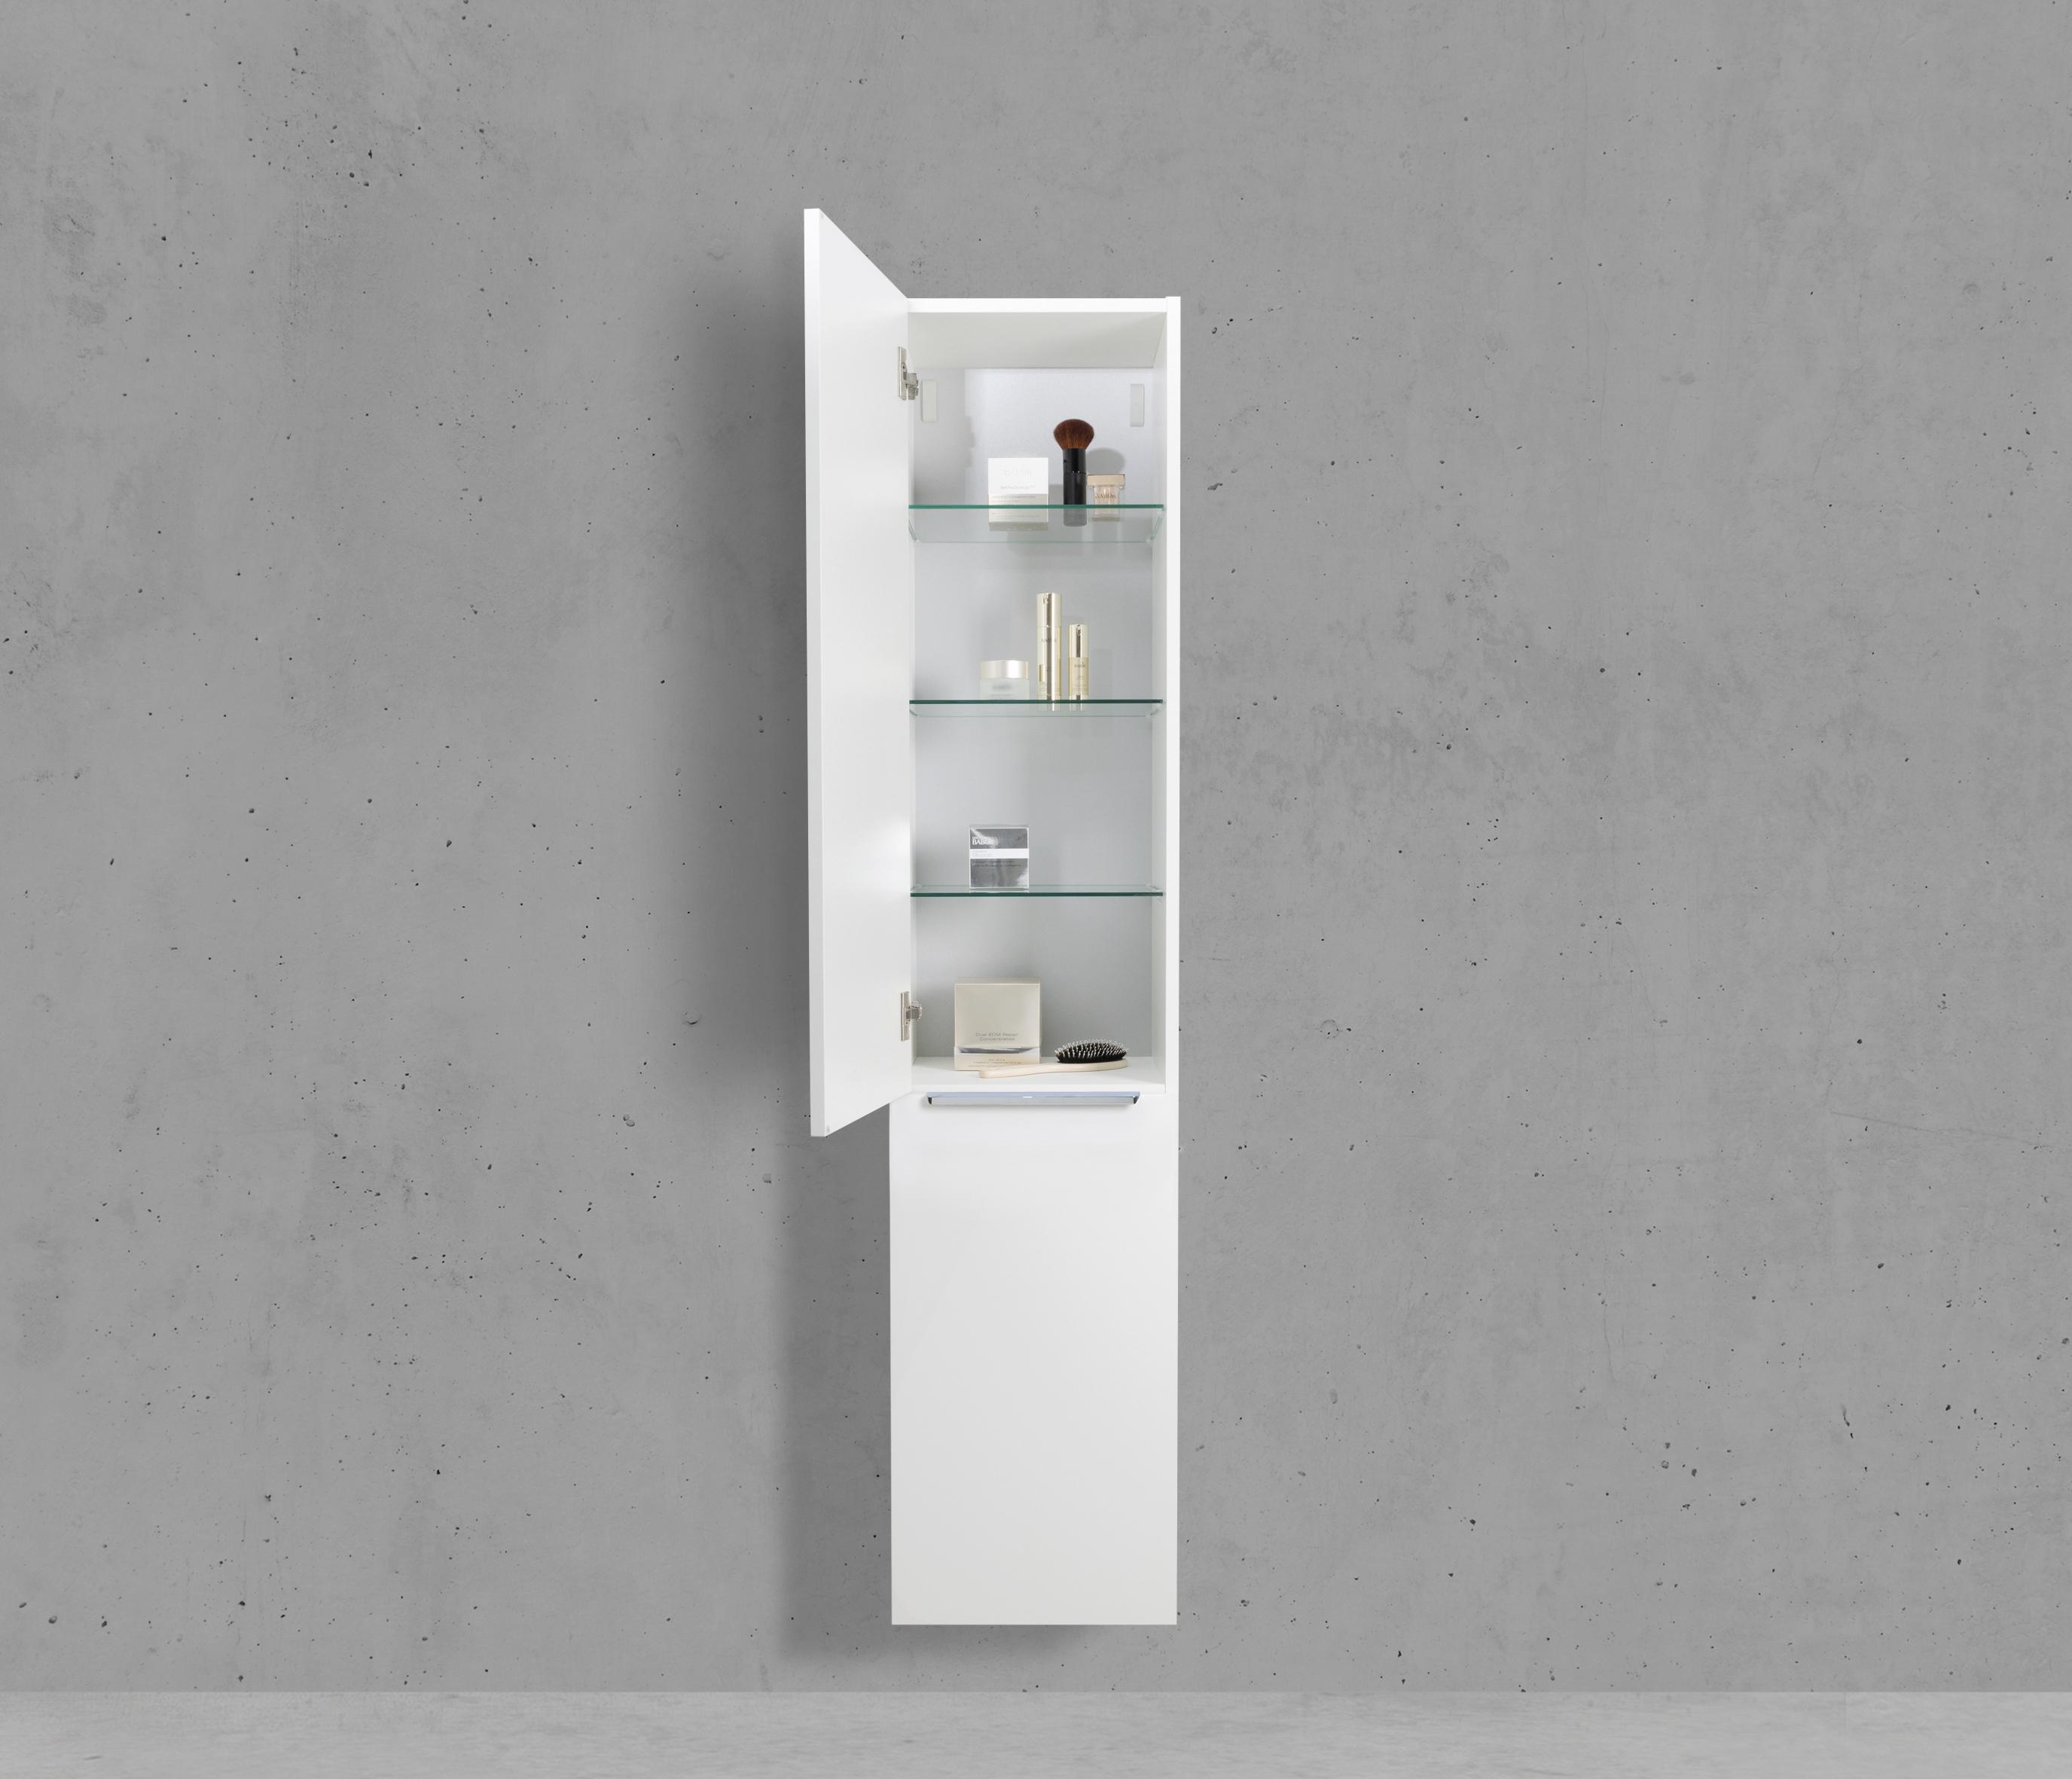 Hochschrank Seitenschrank Mit Wäschekippe Hbt 161640325cm Weiß Hochglanz Lack